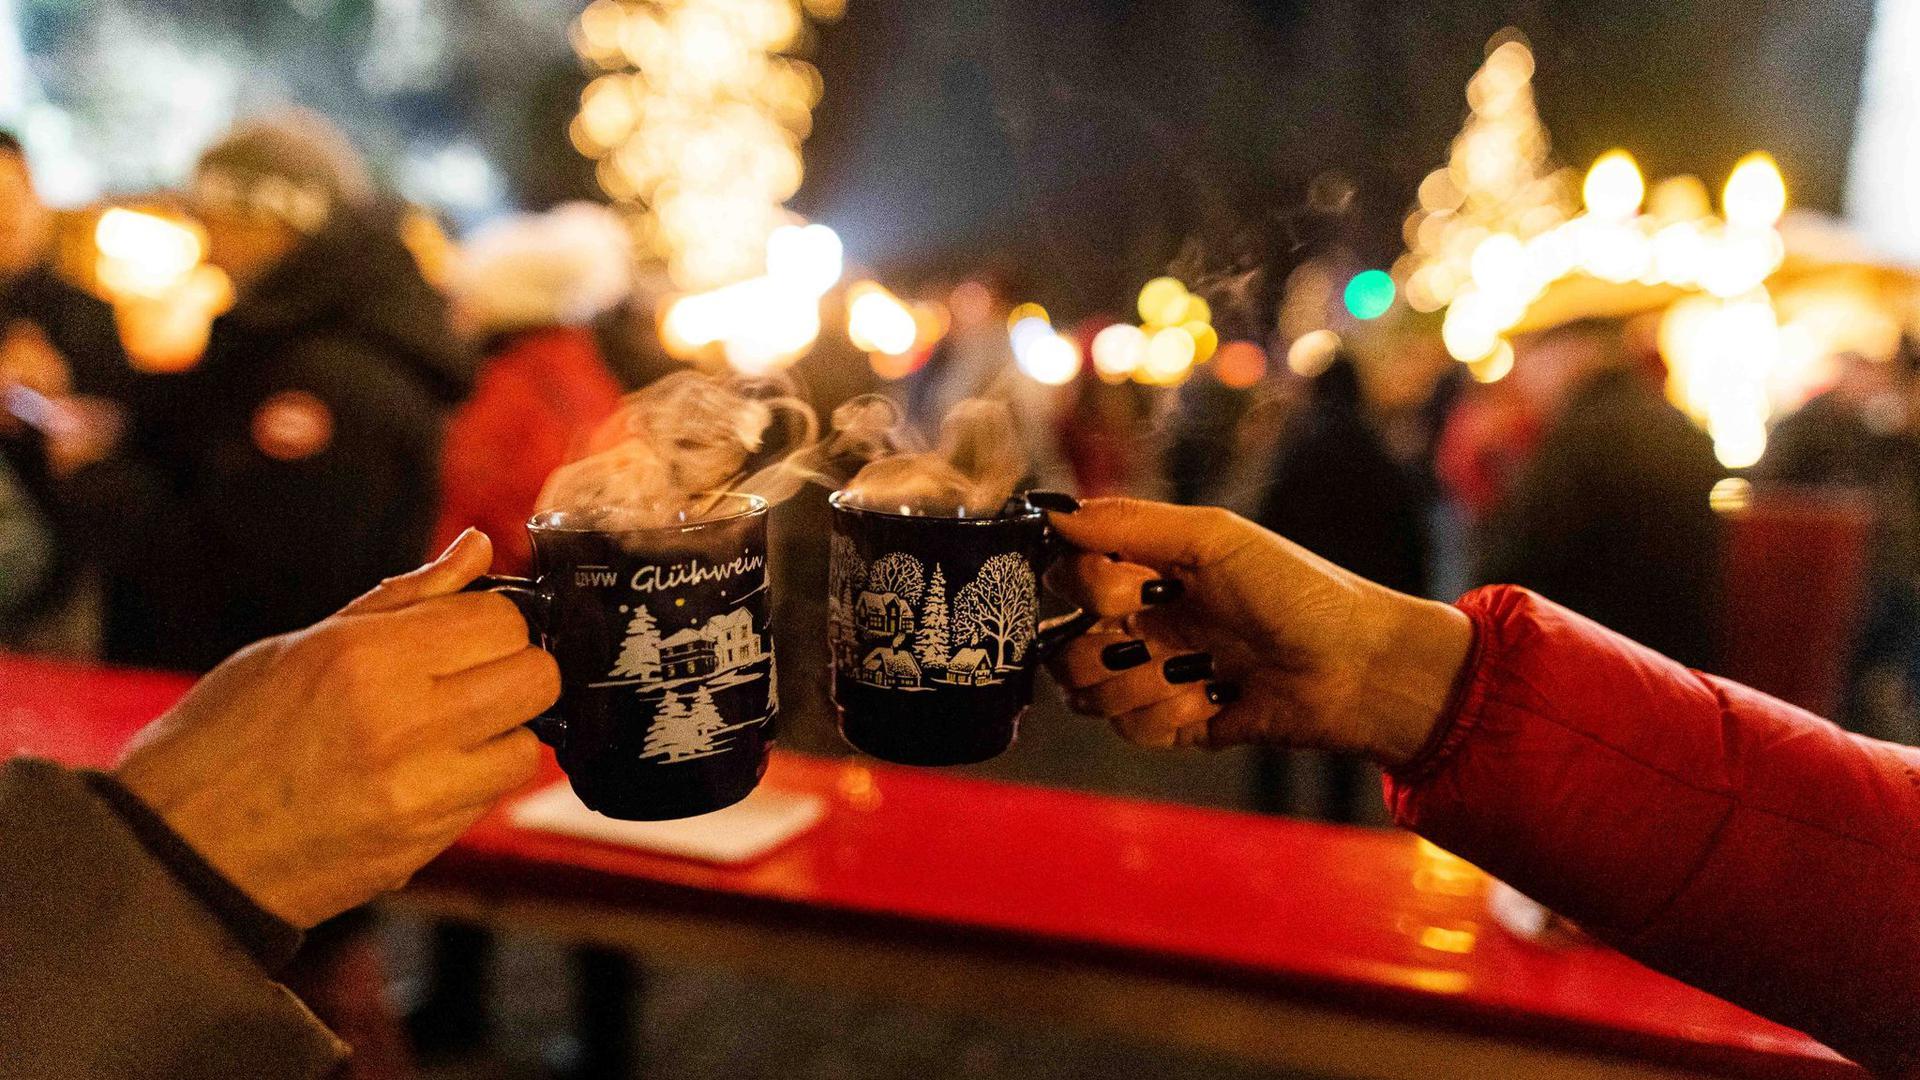 Falls es im Jahr 2020 in Baden-Württemberg Weihnachtsmärkte gibt, könnten diese ohne Glühwein stattfinden.